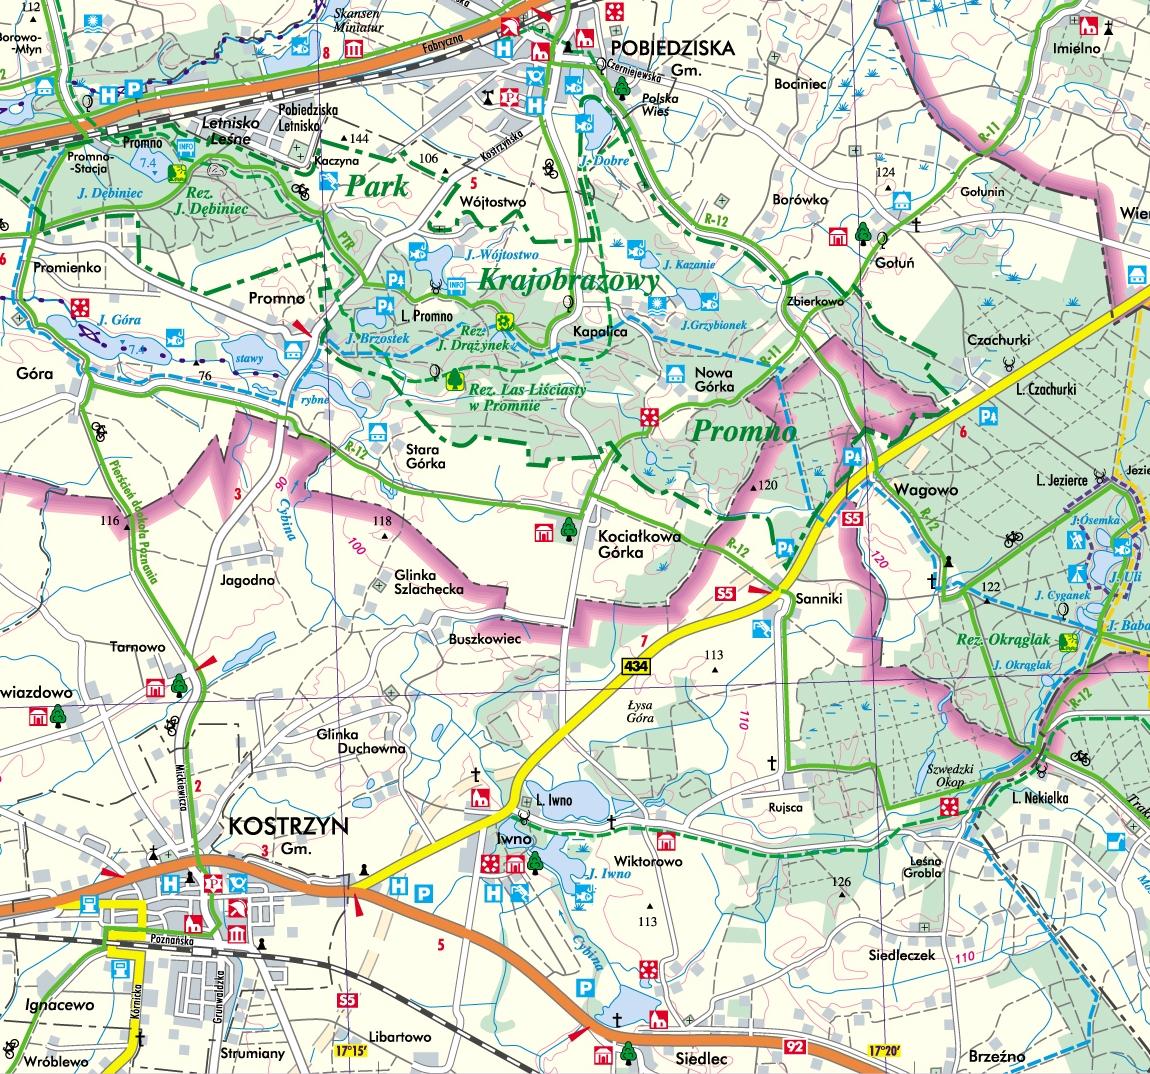 szlak_niebieski_mapa